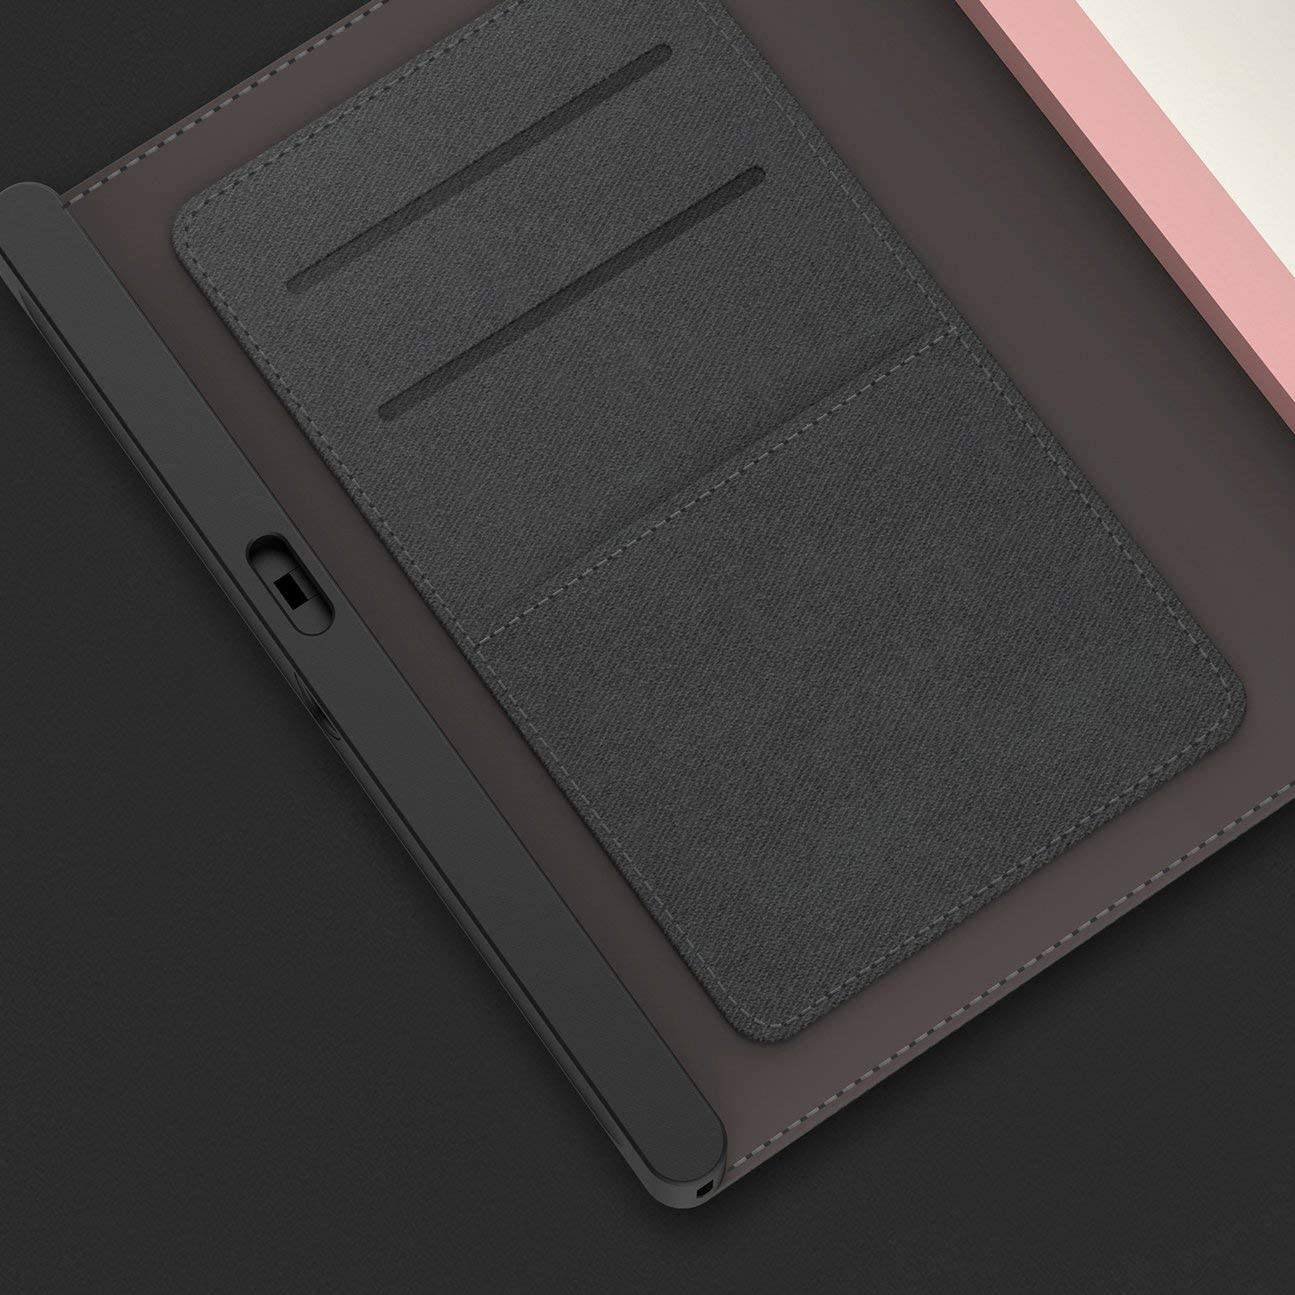 L9s Bloqueo De Huellas Digitales Libro De Administración De Múltiples Funciones Plan De Notas Agenda Agenda Reunión De Negocios Cuaderno Bloqueo De Huellas Digitales Amazon Es Oficina Y Papelería